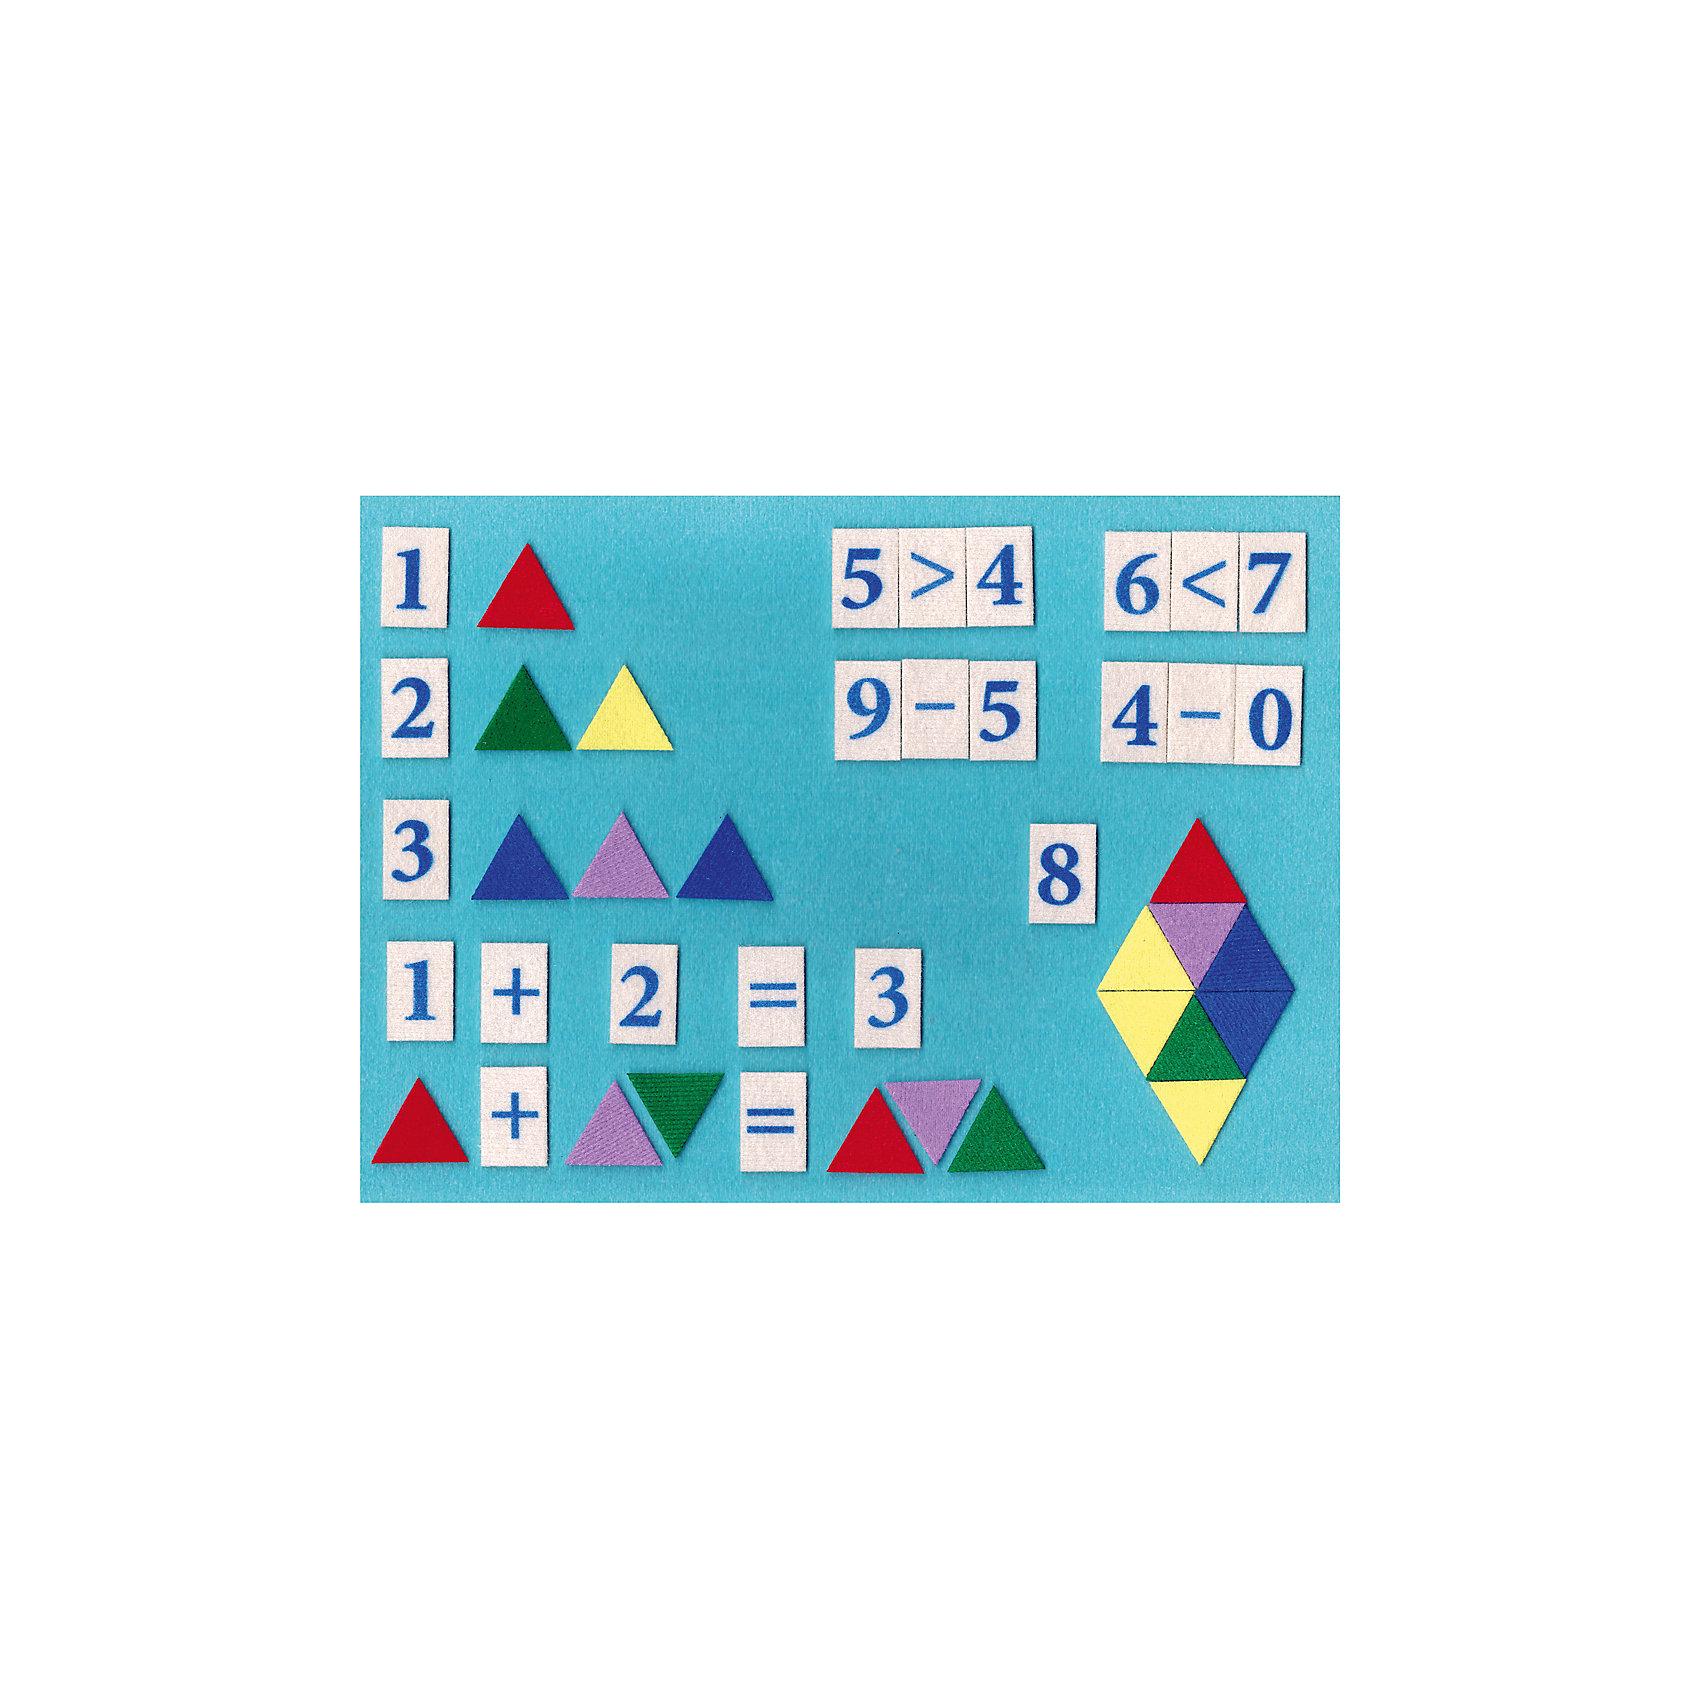 Игра на липучках Математическая мозаика цветная, StigisСтигисы Математическая мозаика цветная, Стигис от компании Стигис ТМ – это новое направление в развивающих игрушках для детей. Стигисы выполнены по инновационной технологии, представляющей собой основное поле и набор из фигурок- аппликаций. Элементы крепятся на поле за счет невидимых и безопасных липучек. Все элементы набора выполнены из качественных материалов, которые устойчивы к деформации и изменению цвета. Комплектация набора включает в экран и набор из цифр, математических знаков и геометрических фигур.<br>Стигисы Математическая мозаика цветная способствуют формированию первых математических представлений в легкой игровой форме, знакомит с основными математическими действиями и счетом, развивает логическое мышление, память и внимание. <br><br>Дополнительная информация:<br><br>- Вид игр: сюжетно-ролевые игры, развивающие<br>- Предназначение: для дома, для детских садов, для развивающих центров<br>- Материал: текстиль<br>- Комплектация: экран 30*21 см, 15 цифр, 8 математических знаков, 20 разноцветных треугольников<br>- Размер упаковки (ДхШхВ): 30*21,5*5 см<br>- Вес: 140 г<br>- Особенности ухода: допускается сухая чистка<br><br>Подробнее:<br><br>• Для детей в возрасте: от 3 лет и до 10 лет <br>• Страна производитель: Россия<br>• Торговый бренд: Стигис ТМ<br><br>Стигисы Математическая мозаика цветная, Стигис можно купить в нашем интернет-магазине.<br><br>Ширина мм: 300<br>Глубина мм: 215<br>Высота мм: 5<br>Вес г: 140<br>Возраст от месяцев: 36<br>Возраст до месяцев: 120<br>Пол: Унисекс<br>Возраст: Детский<br>SKU: 4936349